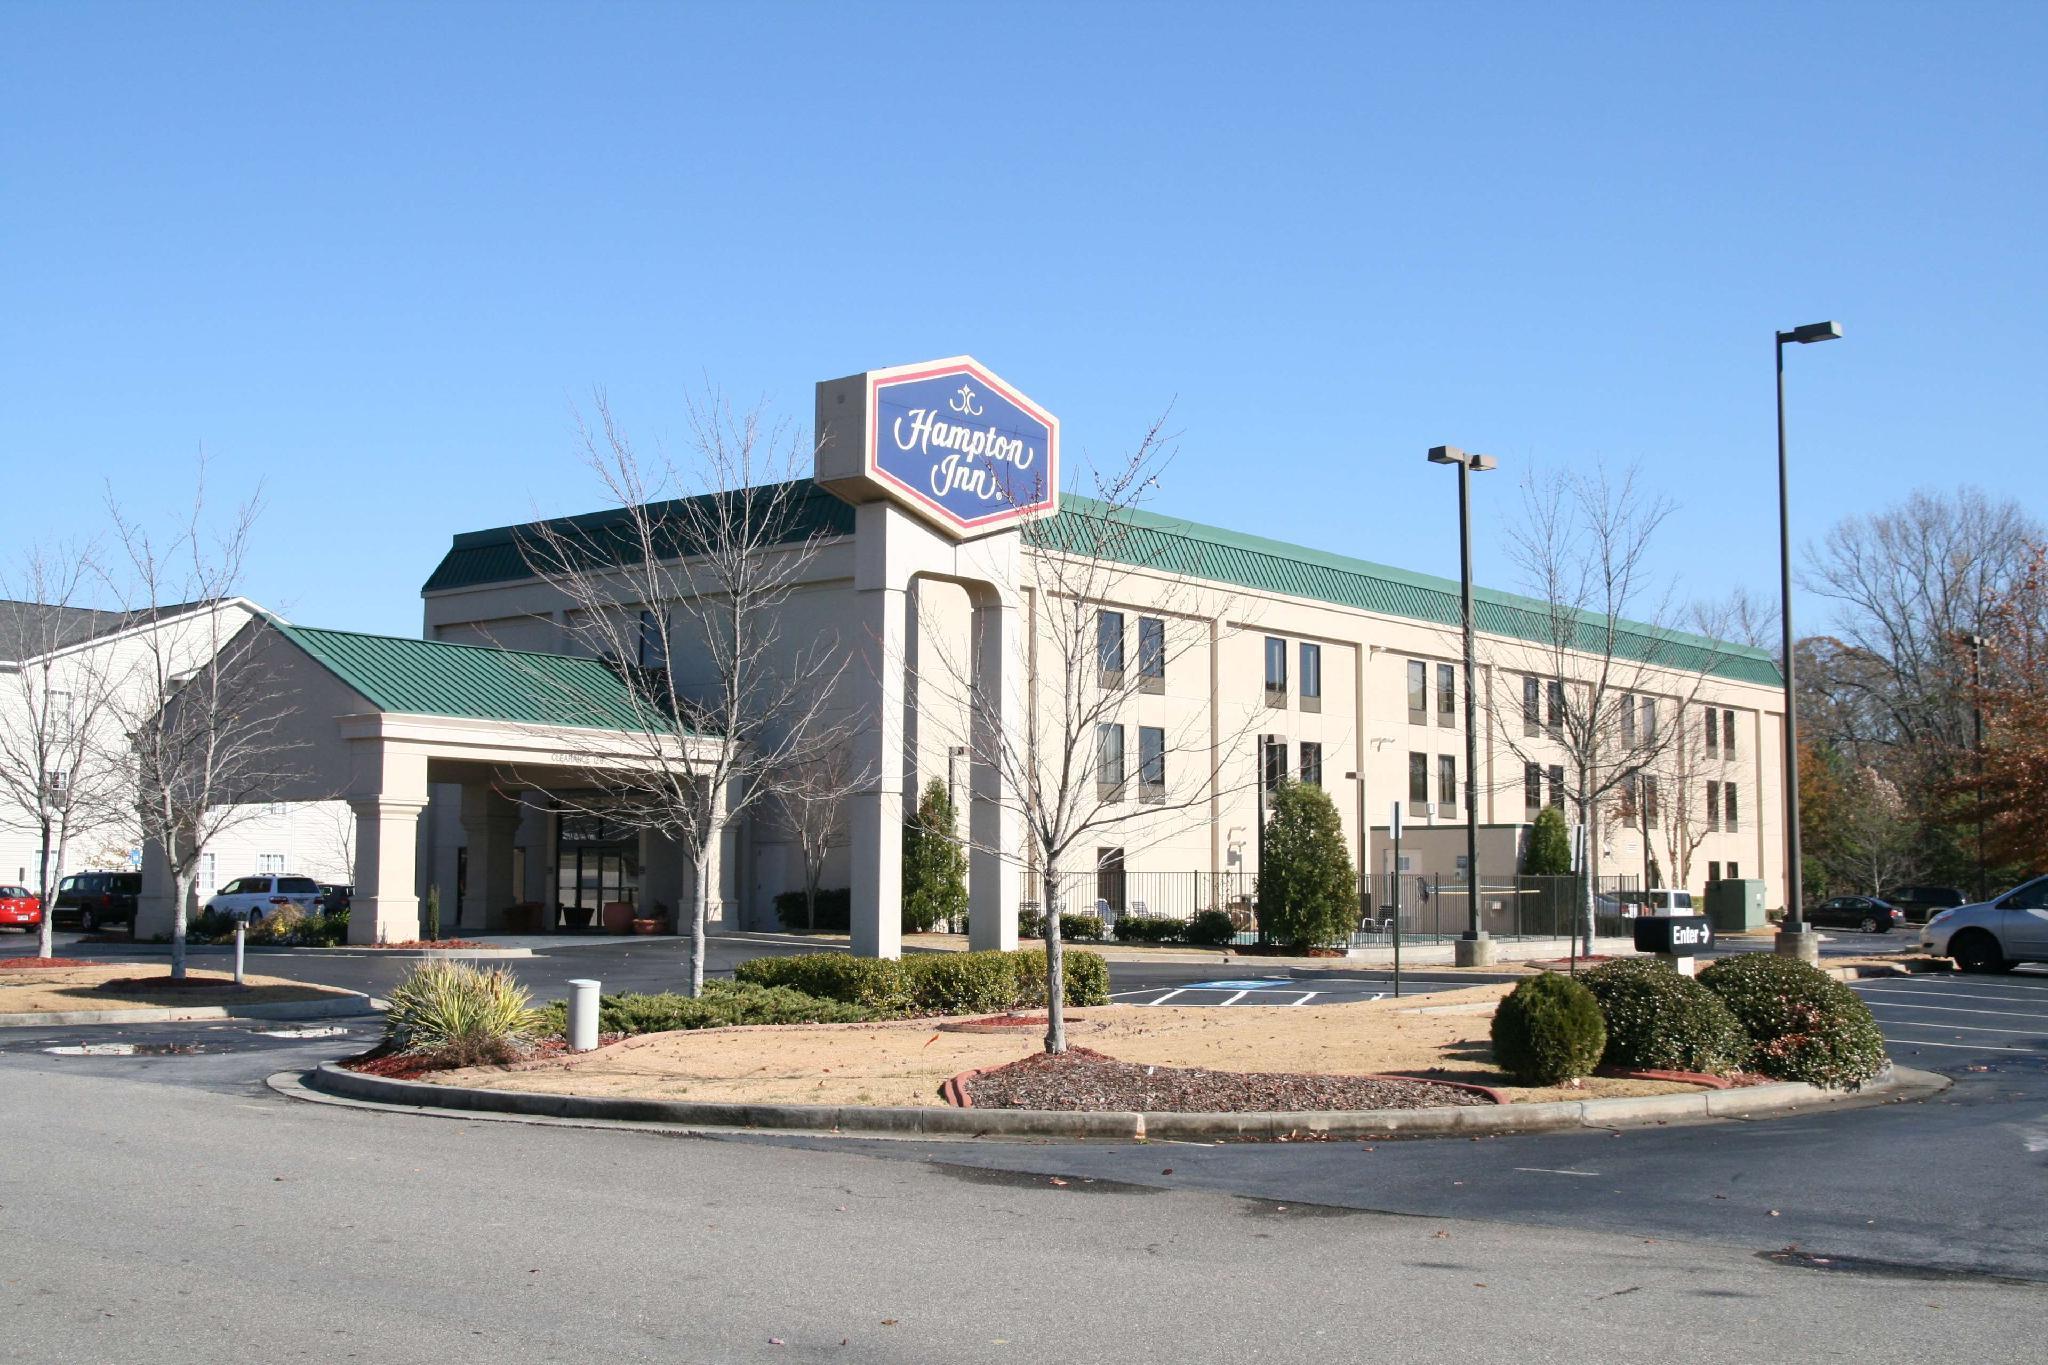 Hampton Inn Atlanta Woodstock